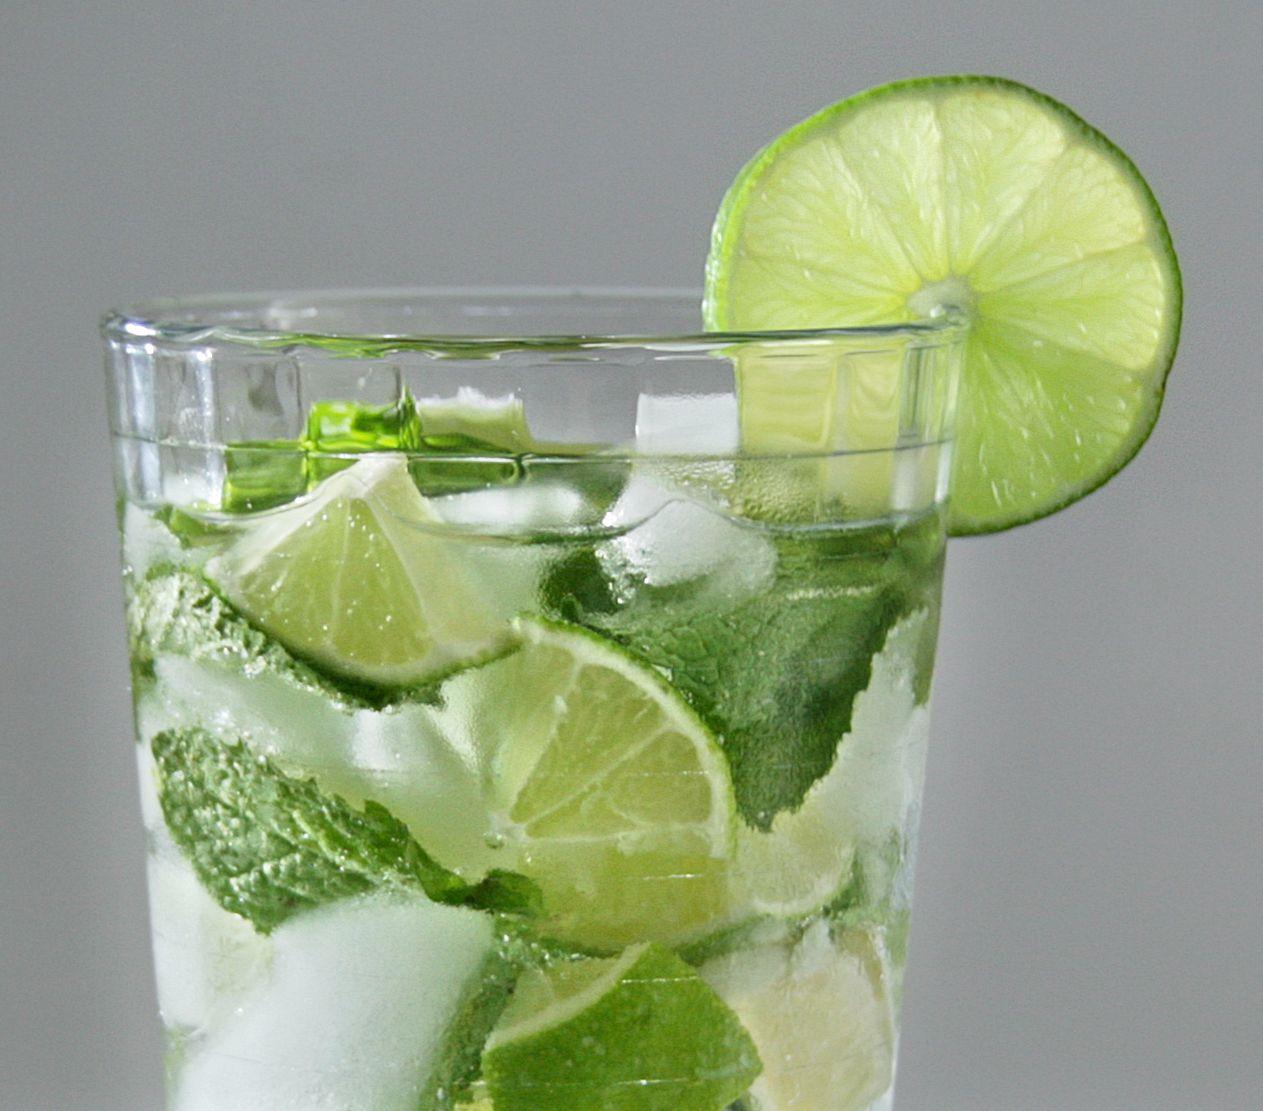 DIY. Mit Wasser. Regelmäßig und ausreichend Wasser zu trinken, tut unserem Körper einfach gut. Zu einem vielfältigen Genuss kann Wasser werden, wenn es mit natürlichen Aromen (z.B. von  Himbeeren oder Limetten oder mit Kräutern (z.B. Minze) kombiniert wird.